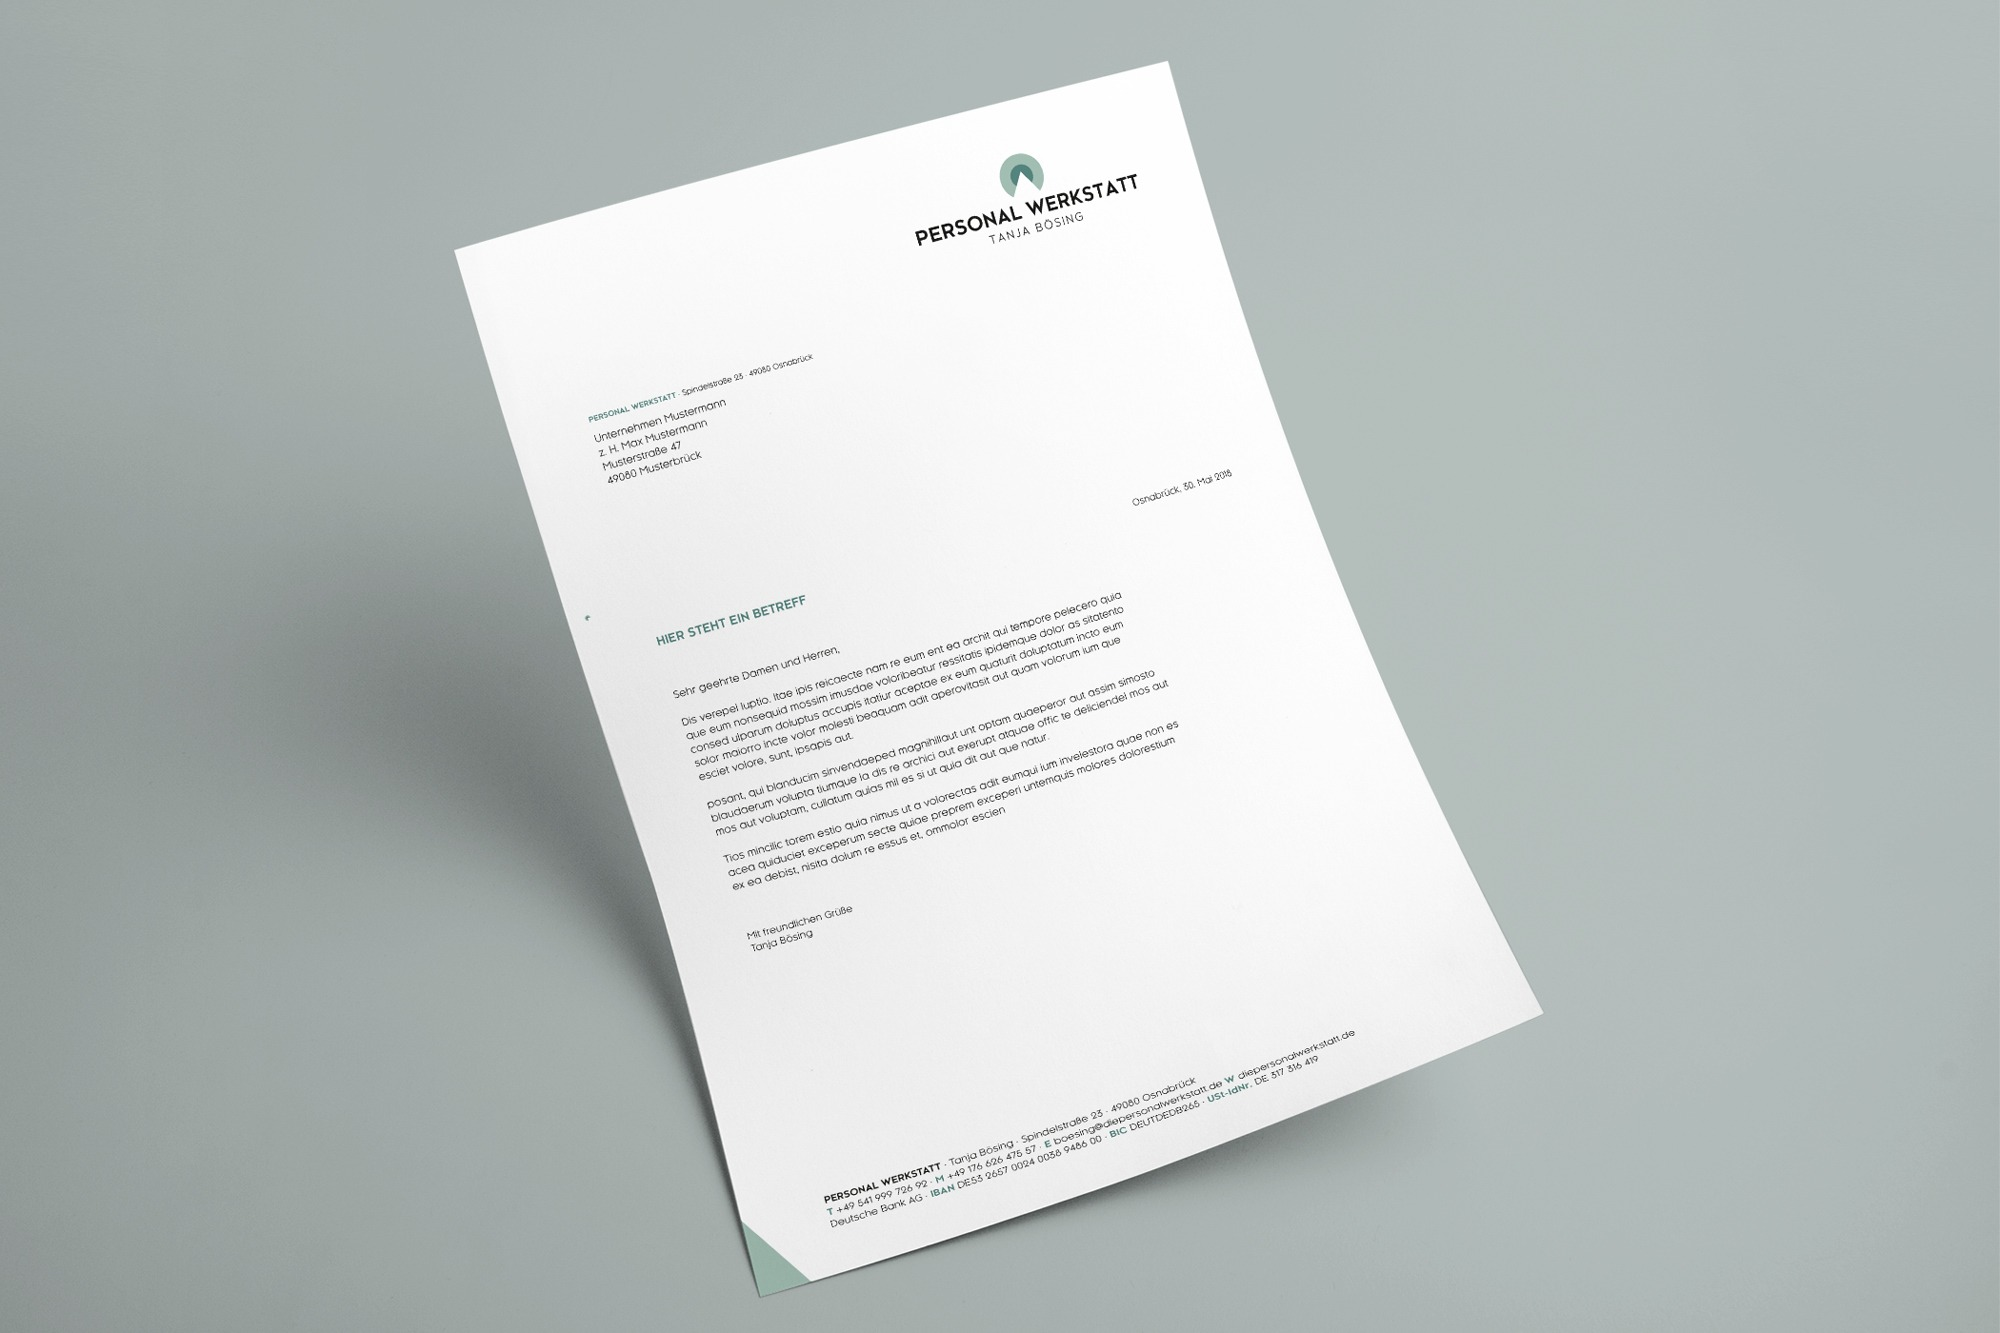 Studio dos, Grafikdesign Osnabrück, Die Personalwerkstatt Briefbogen